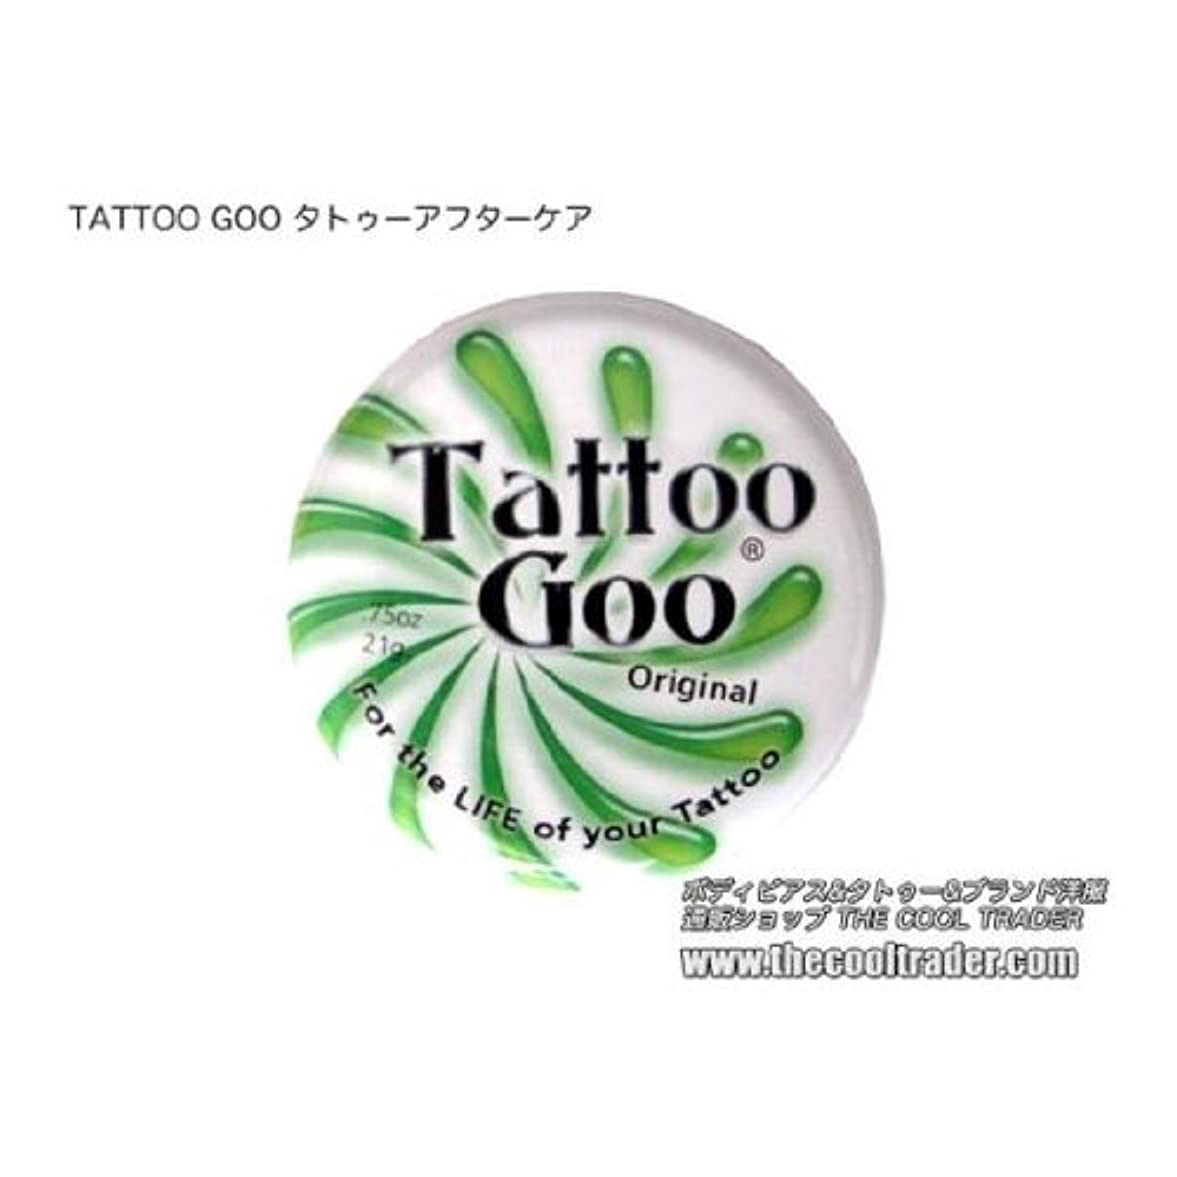 漂流敬礼請求可能TATTOO GOO タトゥー&ボディピアス専用アフターケア 軟膏クリーム オリジナル